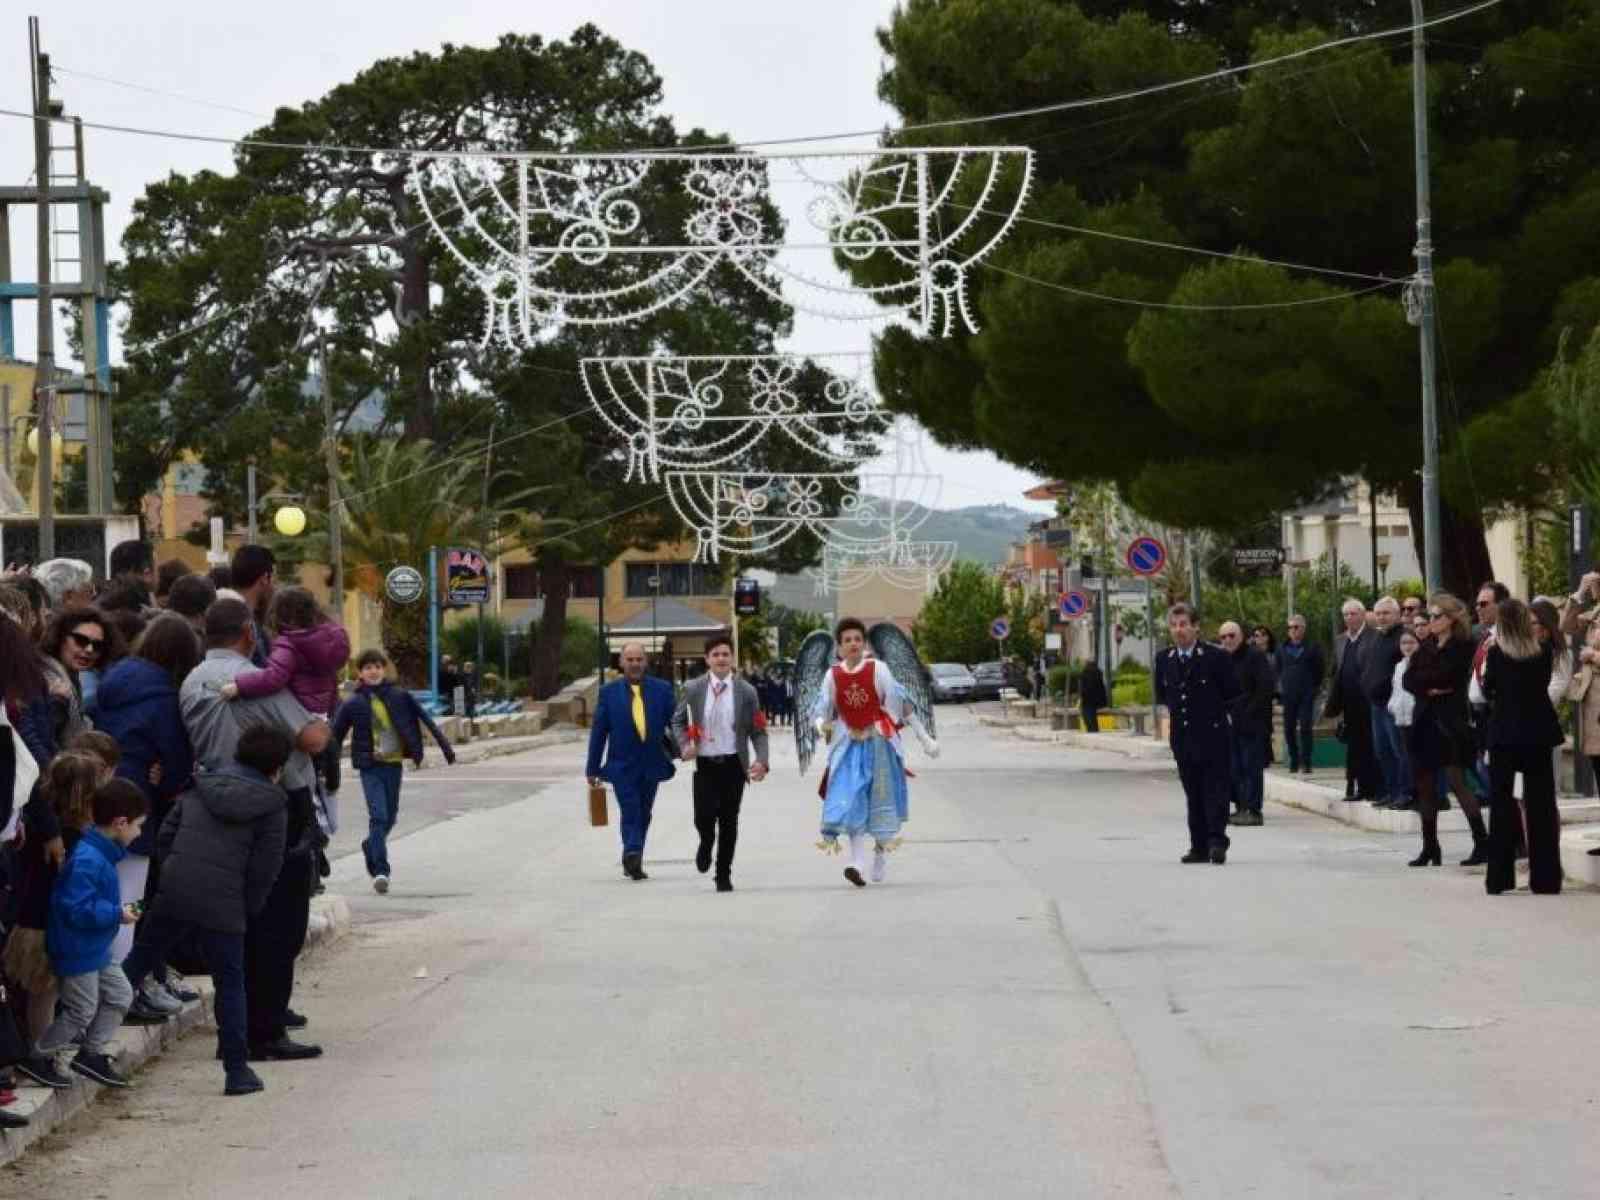 Immagine articolo: Salaparuta, nel ricordo della tradizione della Pasqua. Tradizione e fede immutata nel tempo